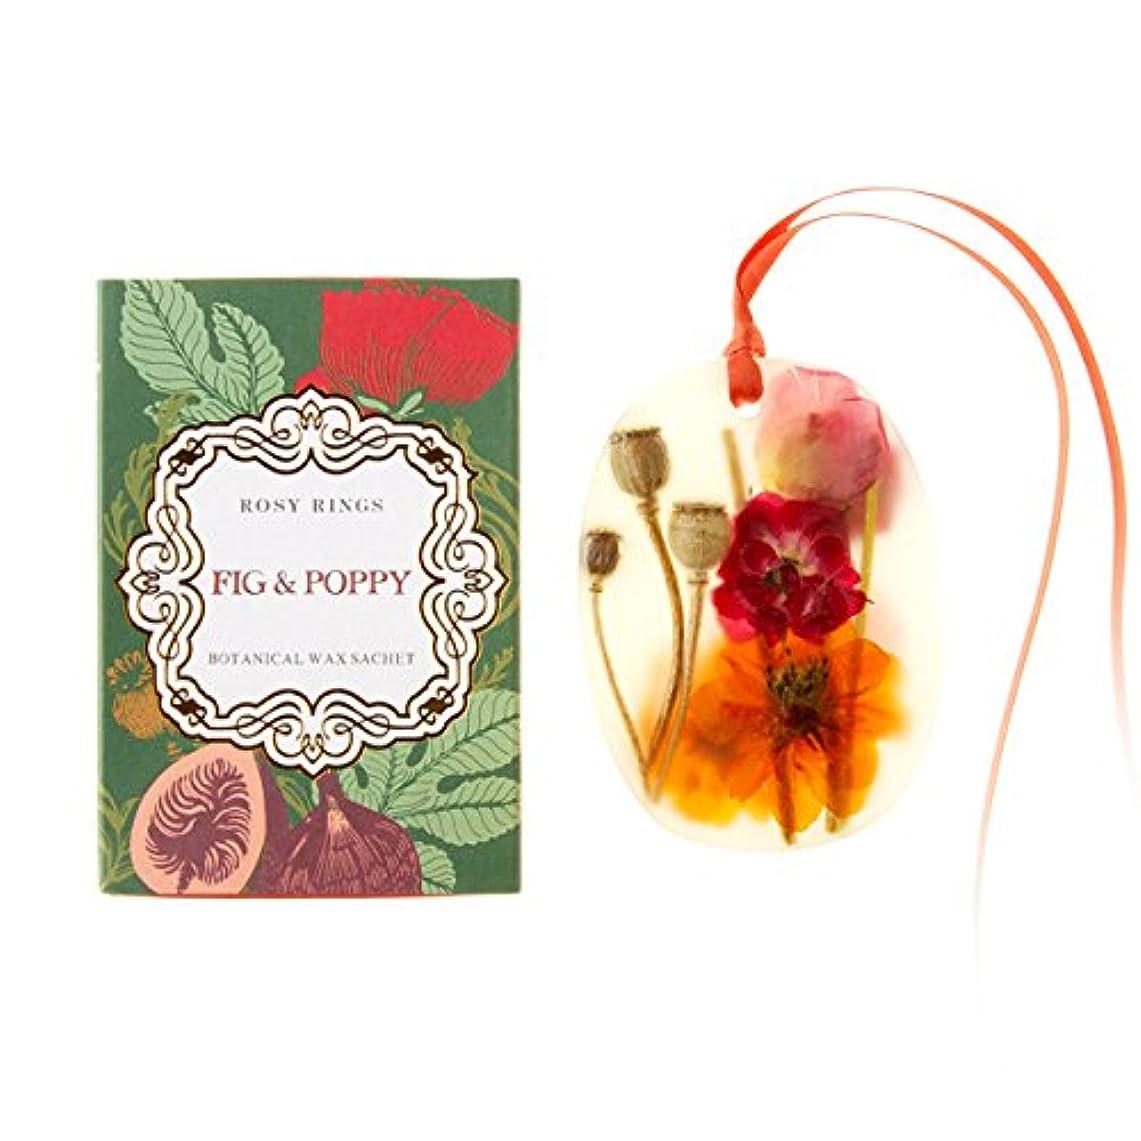 デッドロック人ロボットロージーリングス プティボタニカルサシェ フィグ&ポピー ROSY RINGS Petite Oval Botanical Wax Sachet Fig & Poppy